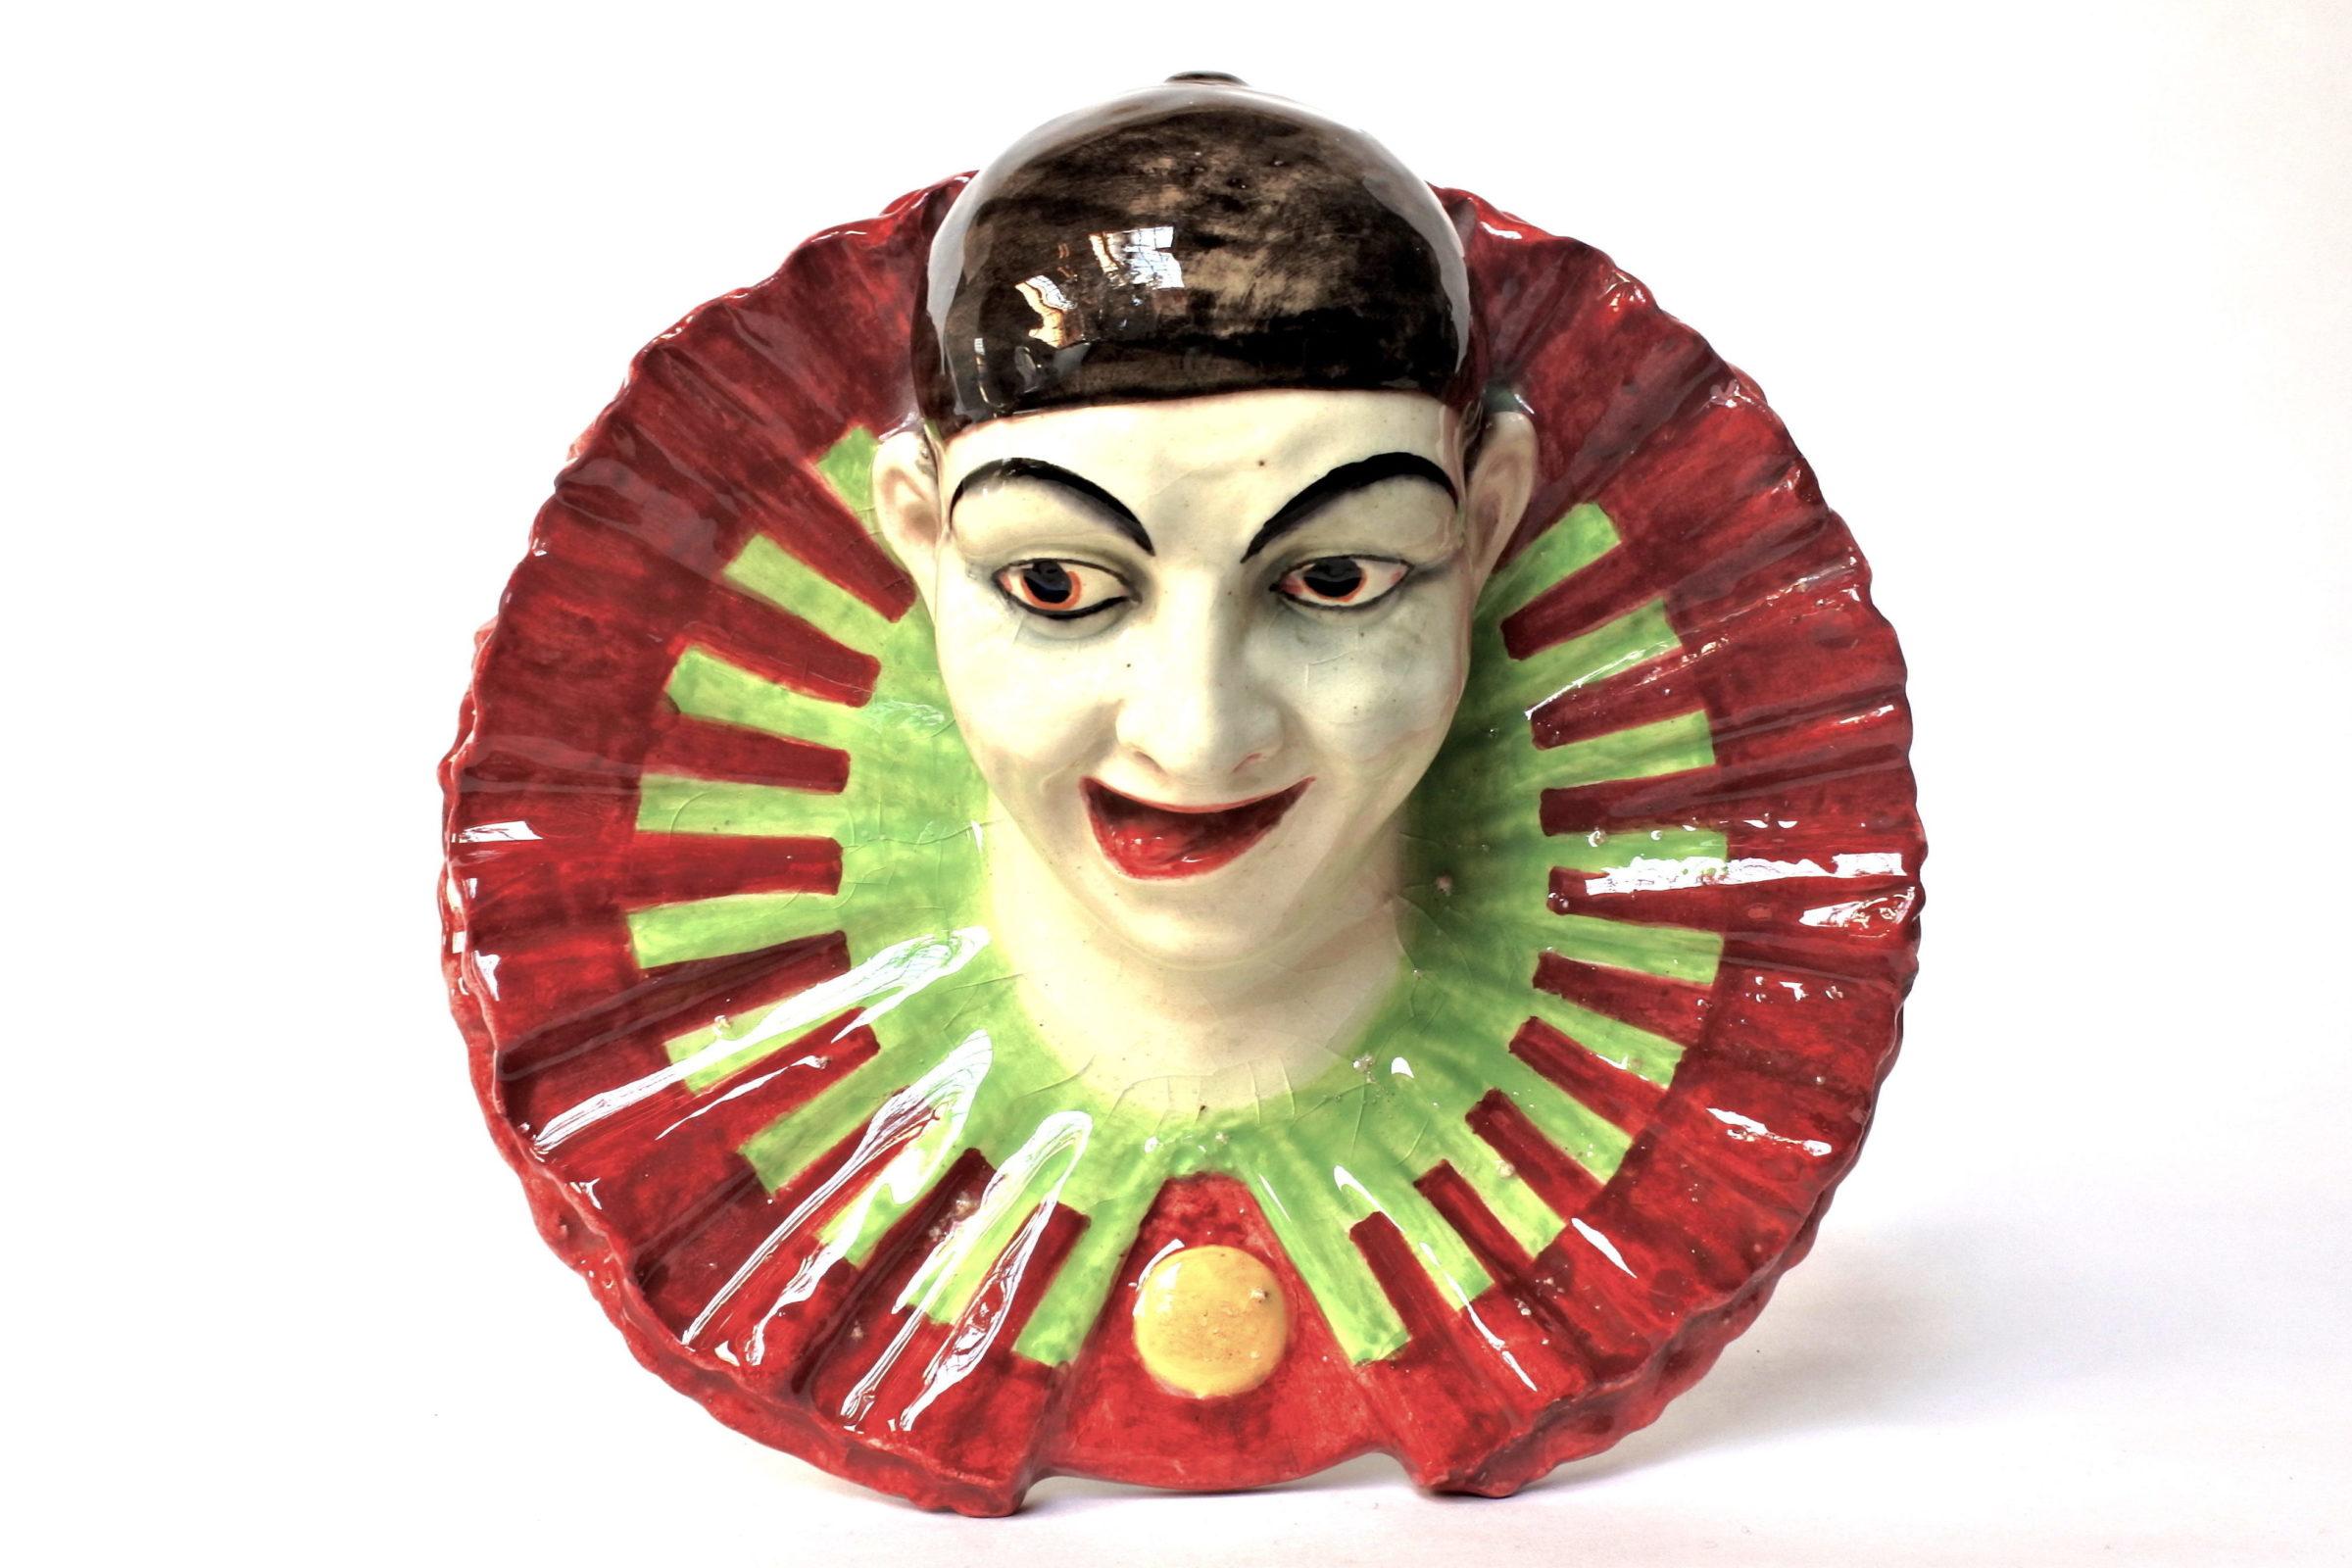 Portafiori in ceramica barbotine rappresentante testa di clown - 6